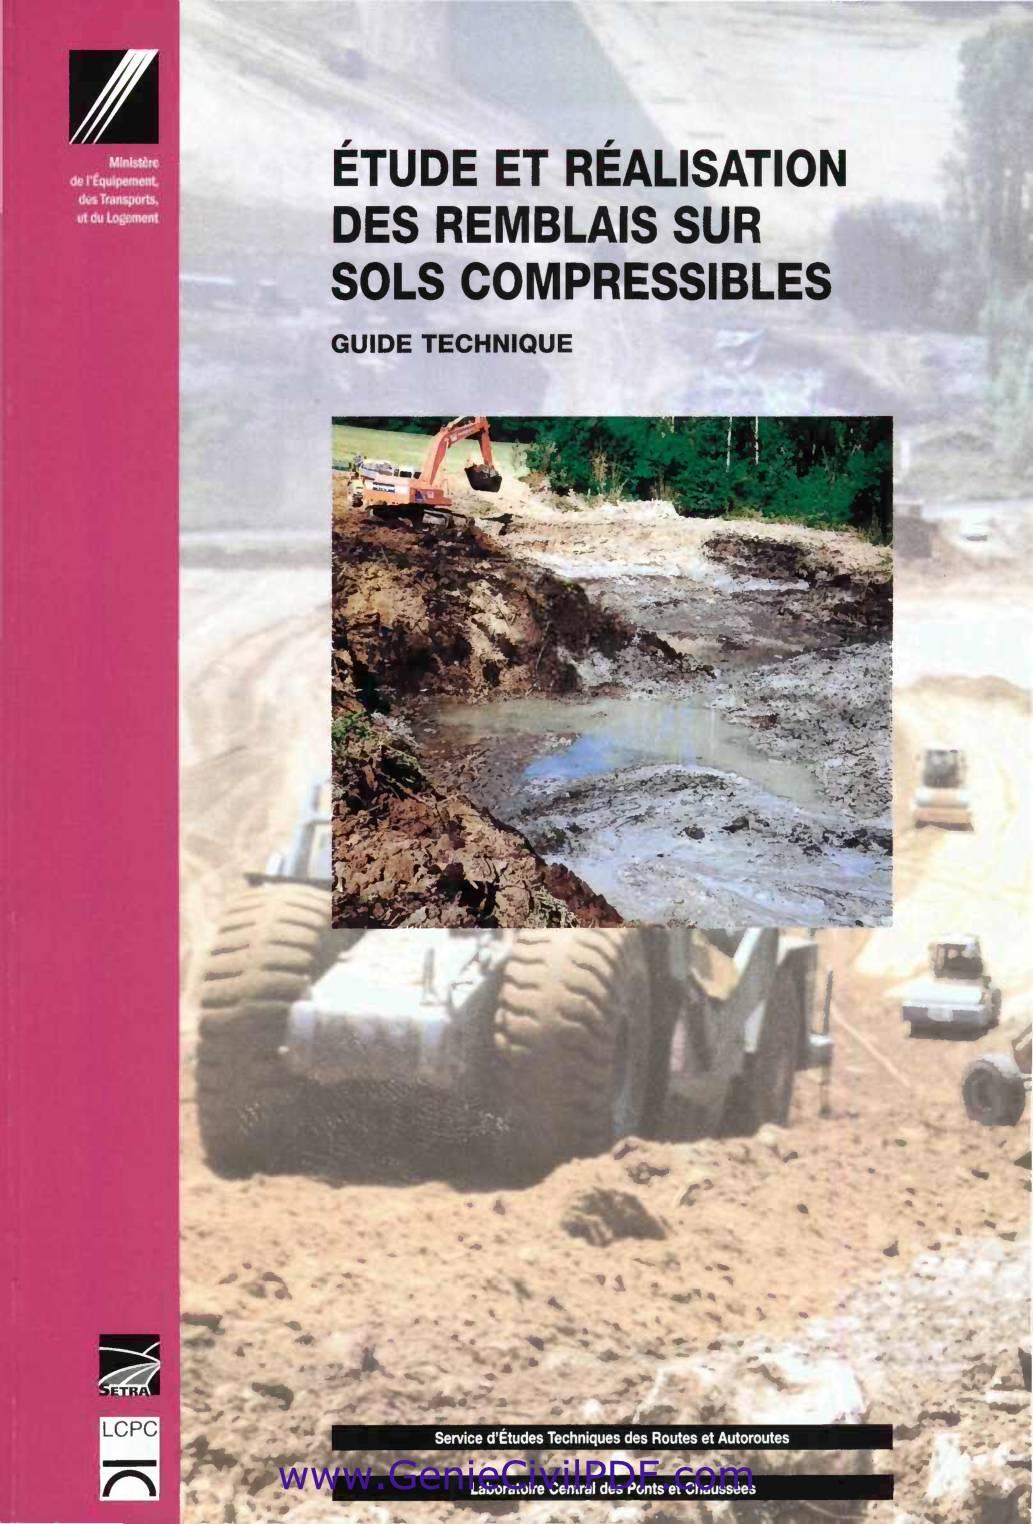 Etude et réalisation des remblais sur sols compressibles